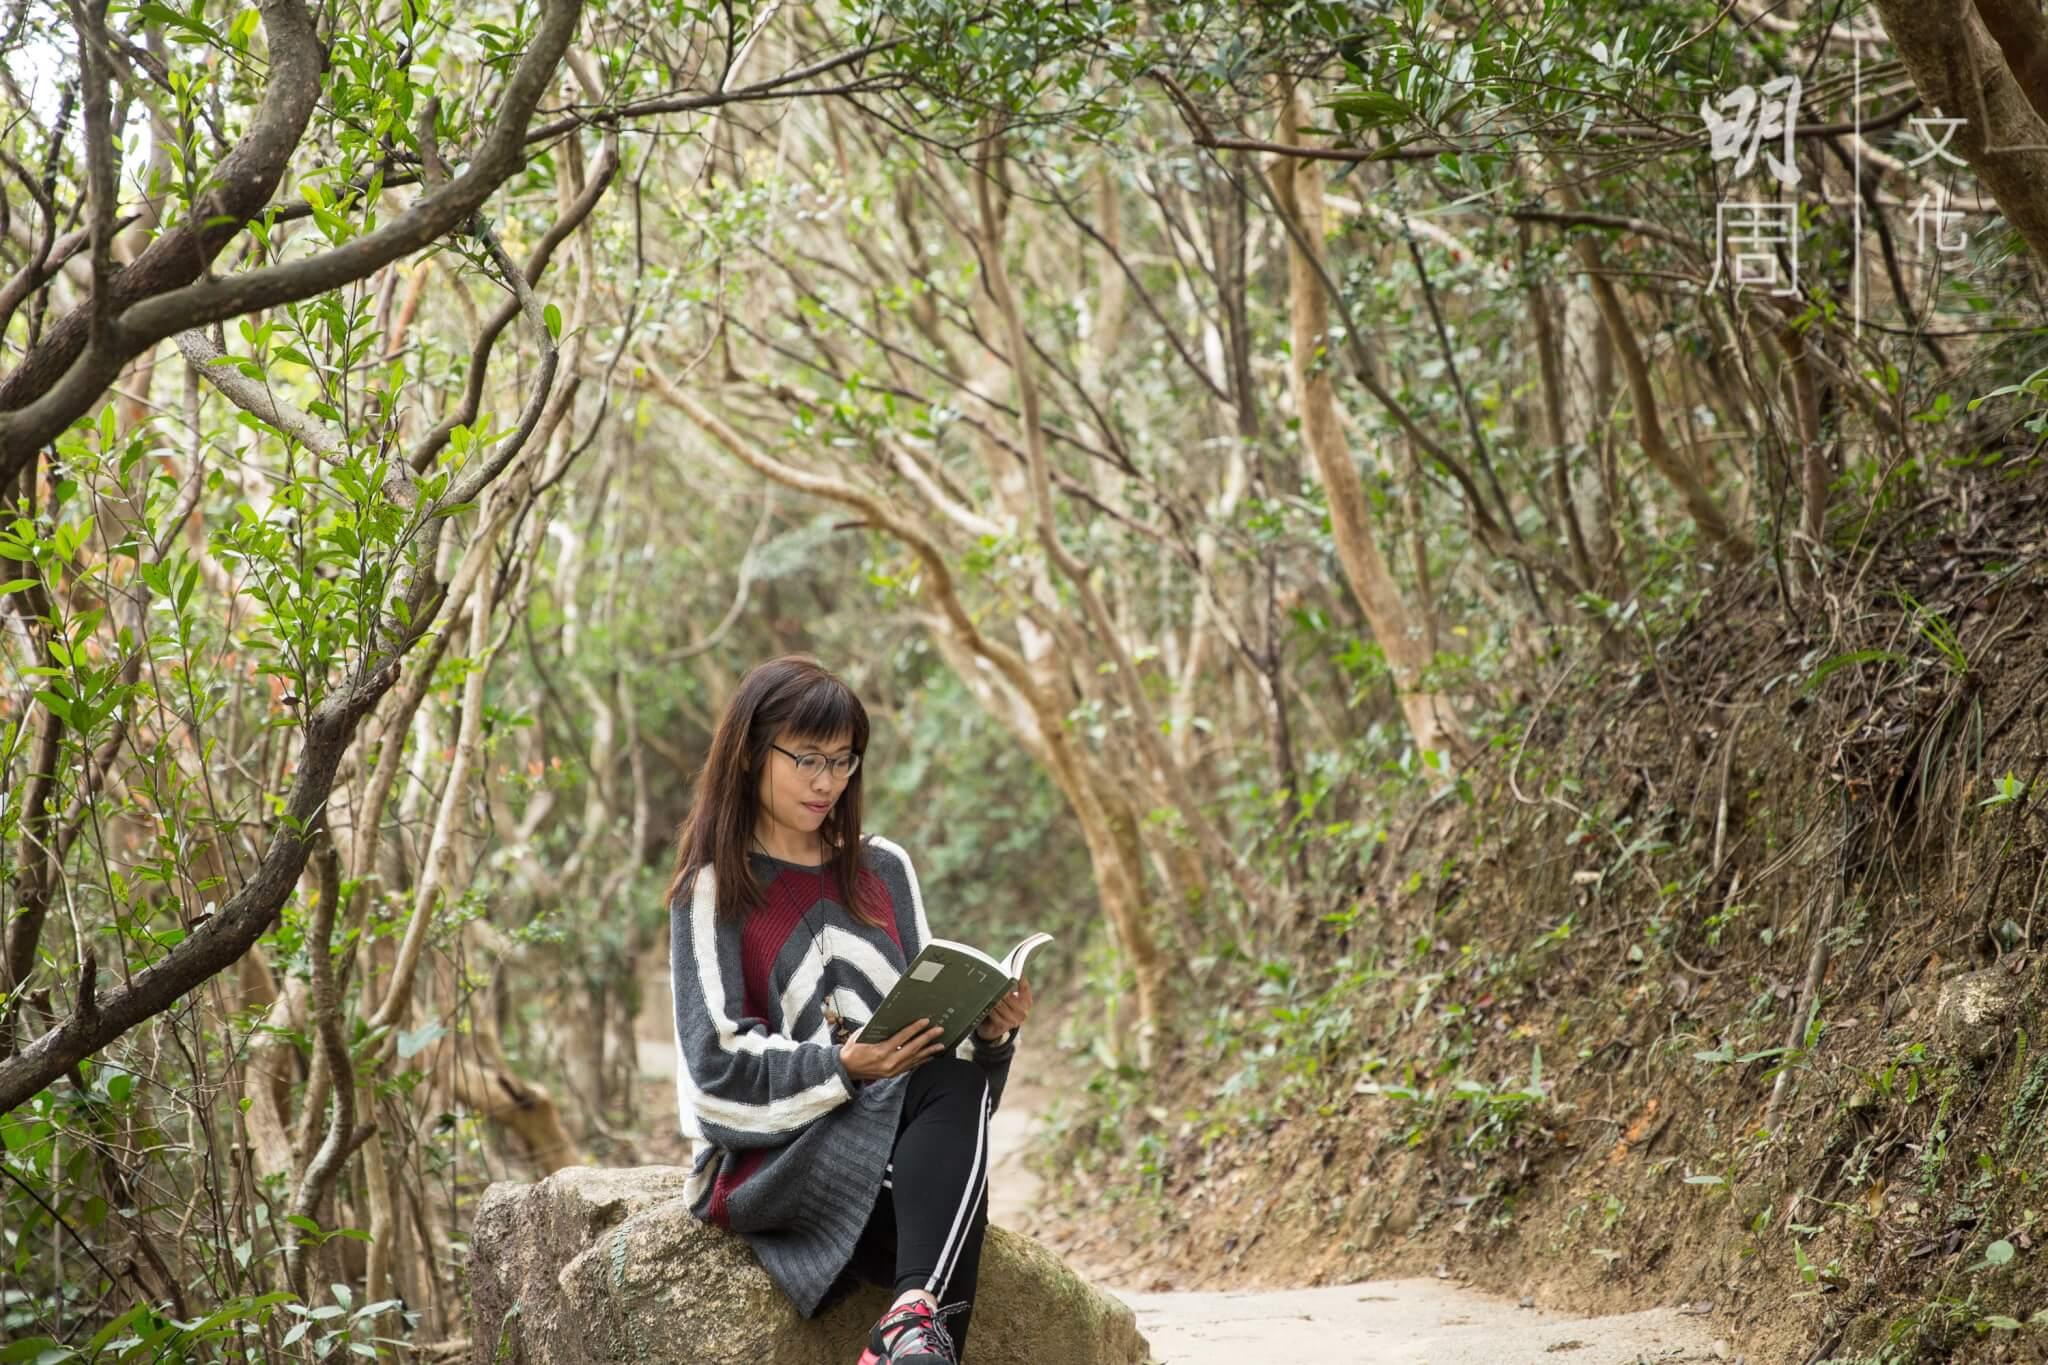 葉曉文自小熱愛大自然,除了生態寫作,也樂於帶領野外導賞,分享不同動植物的故事。